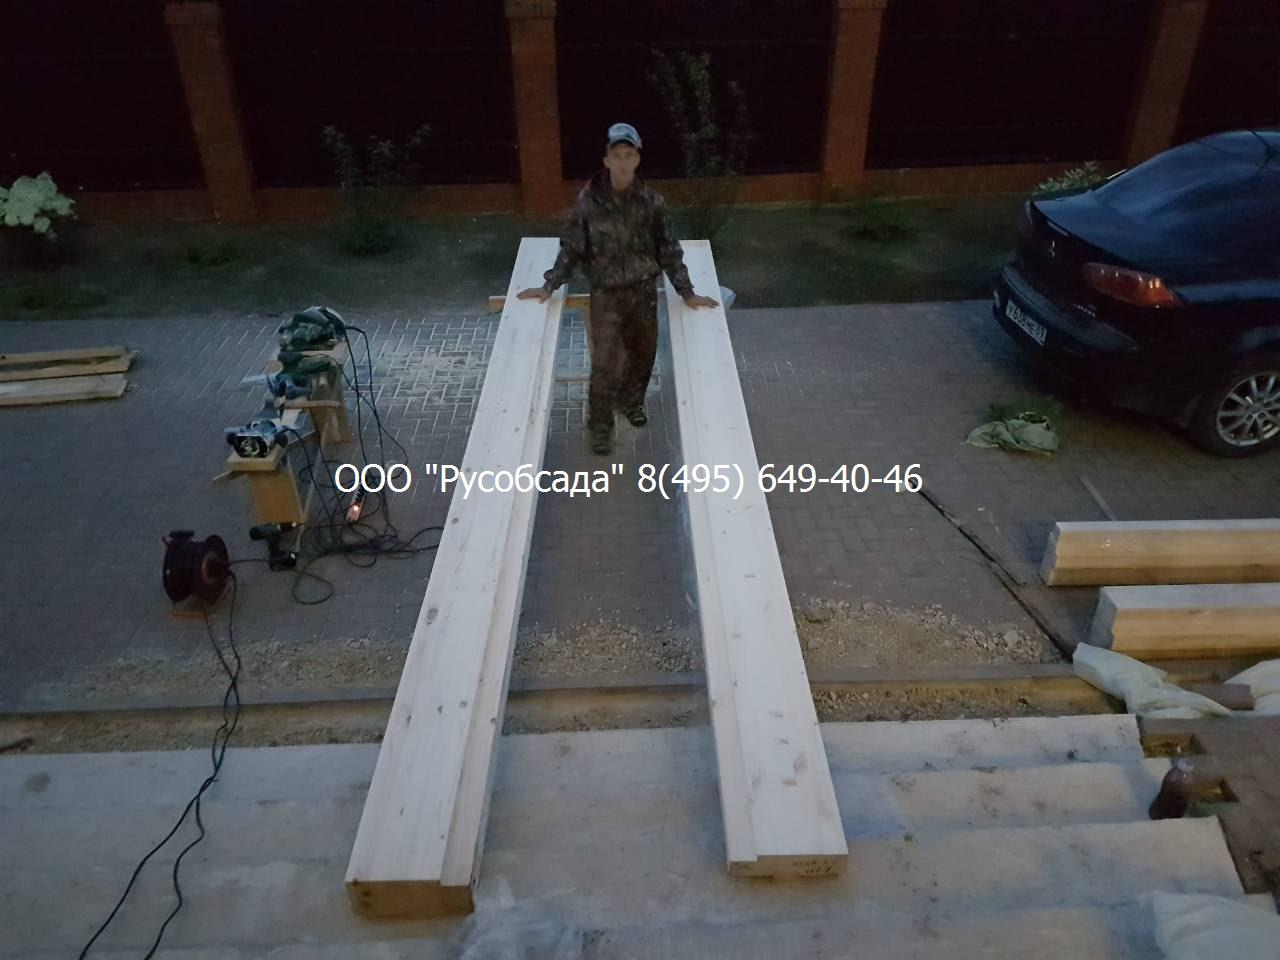 Русобсада изготовление силовой обсады 140 мм